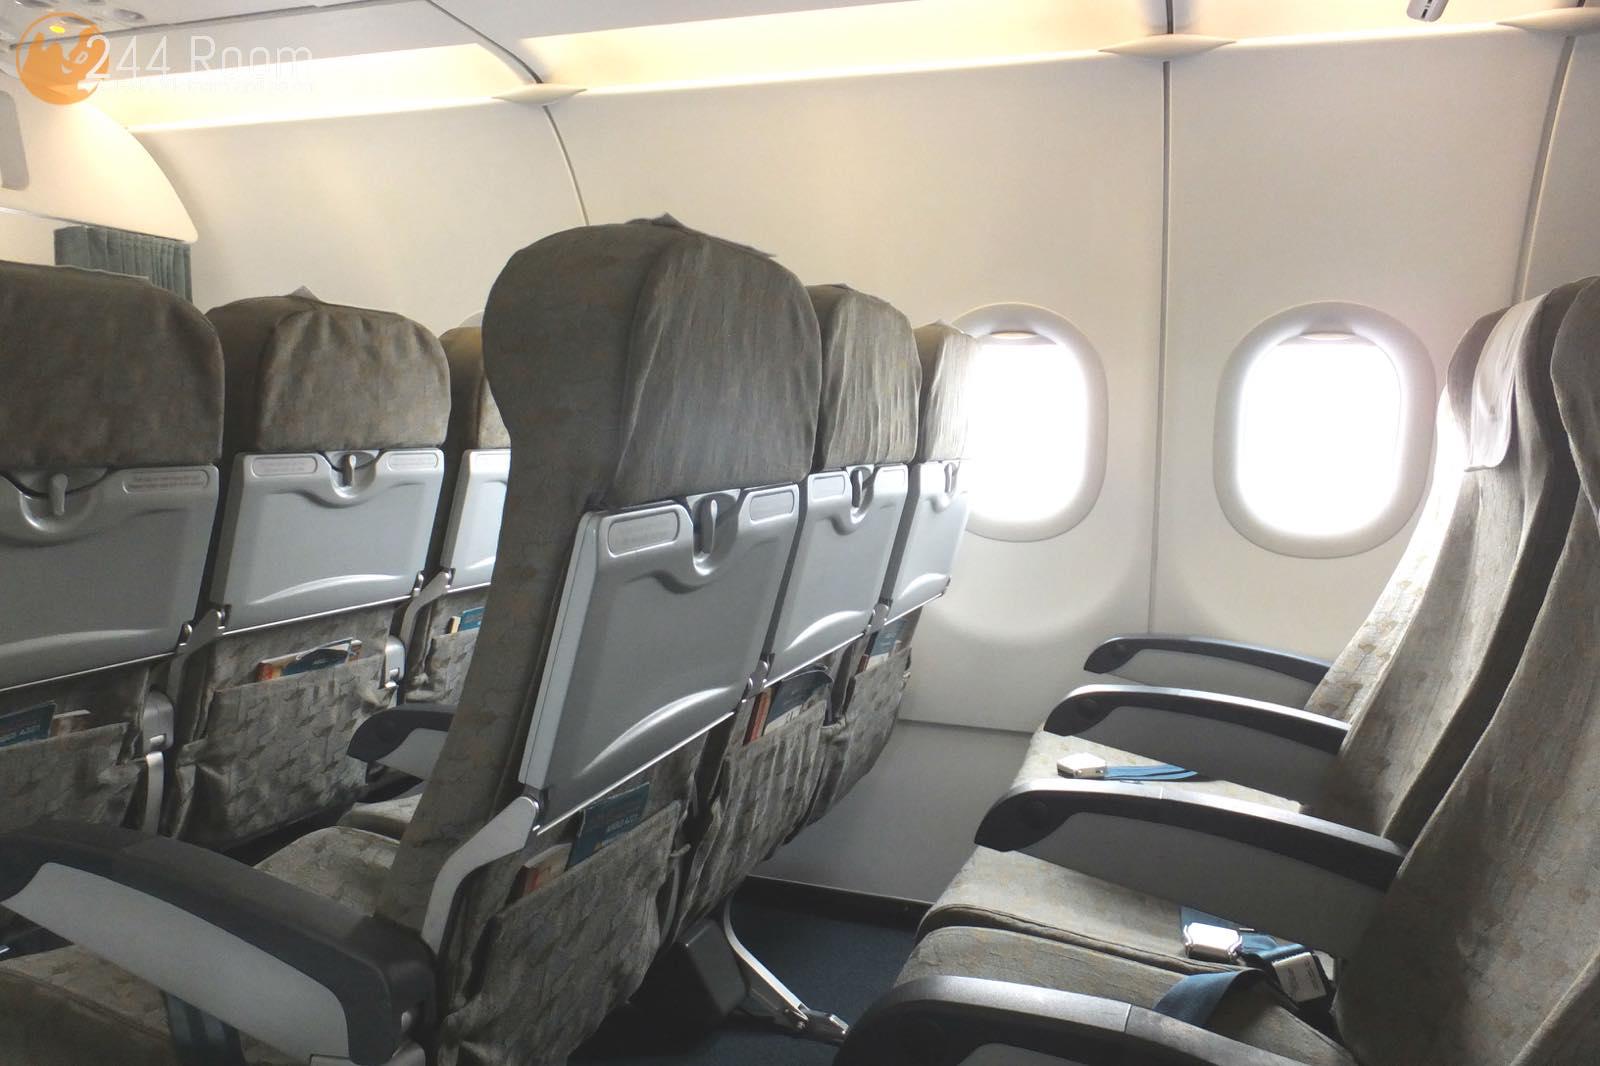 ベトナムエアライン座席 Vietnam Airlines Economy class seat